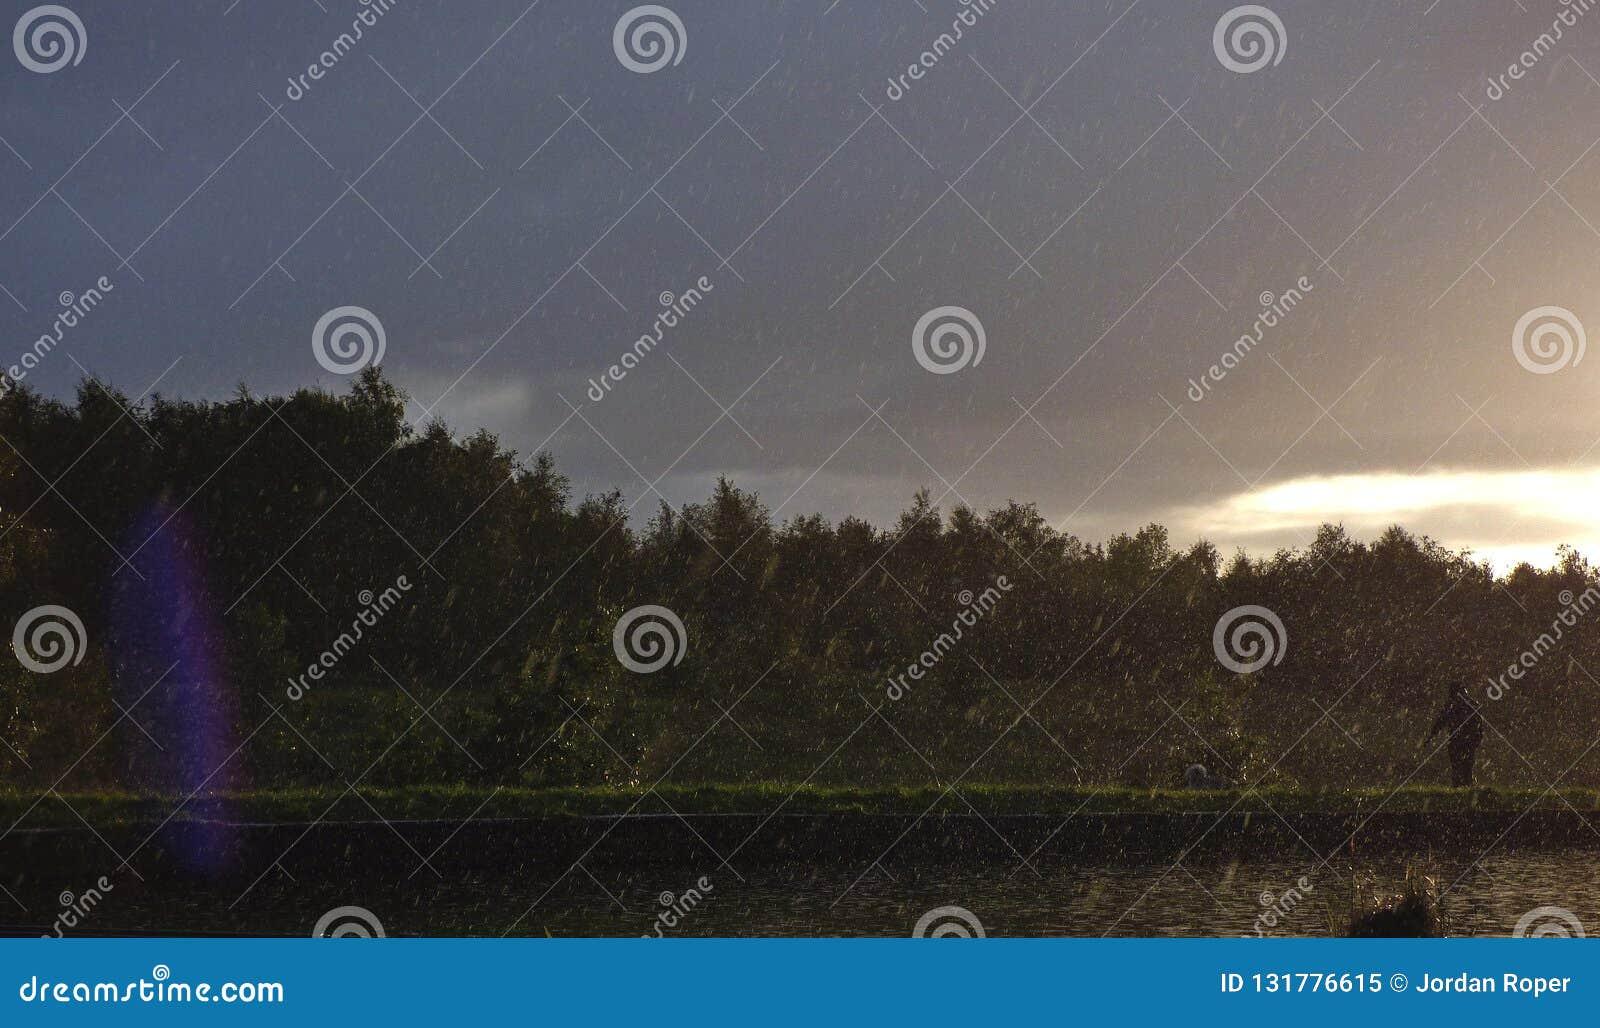 Βροχερό απόγευμα - η βροχή άρχισε κάτω δίπλα στο κανάλι με τον ήλιο που λάμπει στην απόσταση, φωτογραφία που λήφθηκε στο UK